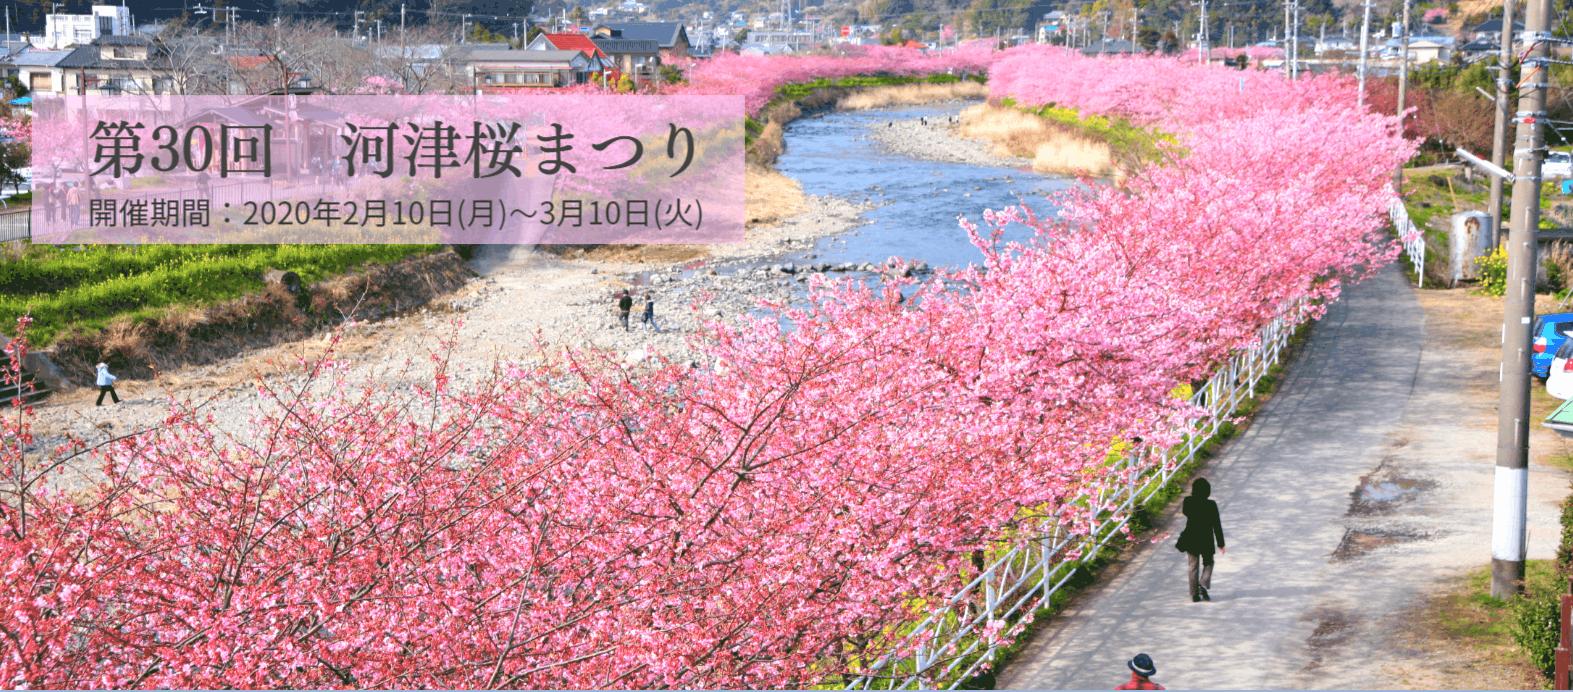 เทศกาลคาวาสึซากุระ ชิซูโอกะ